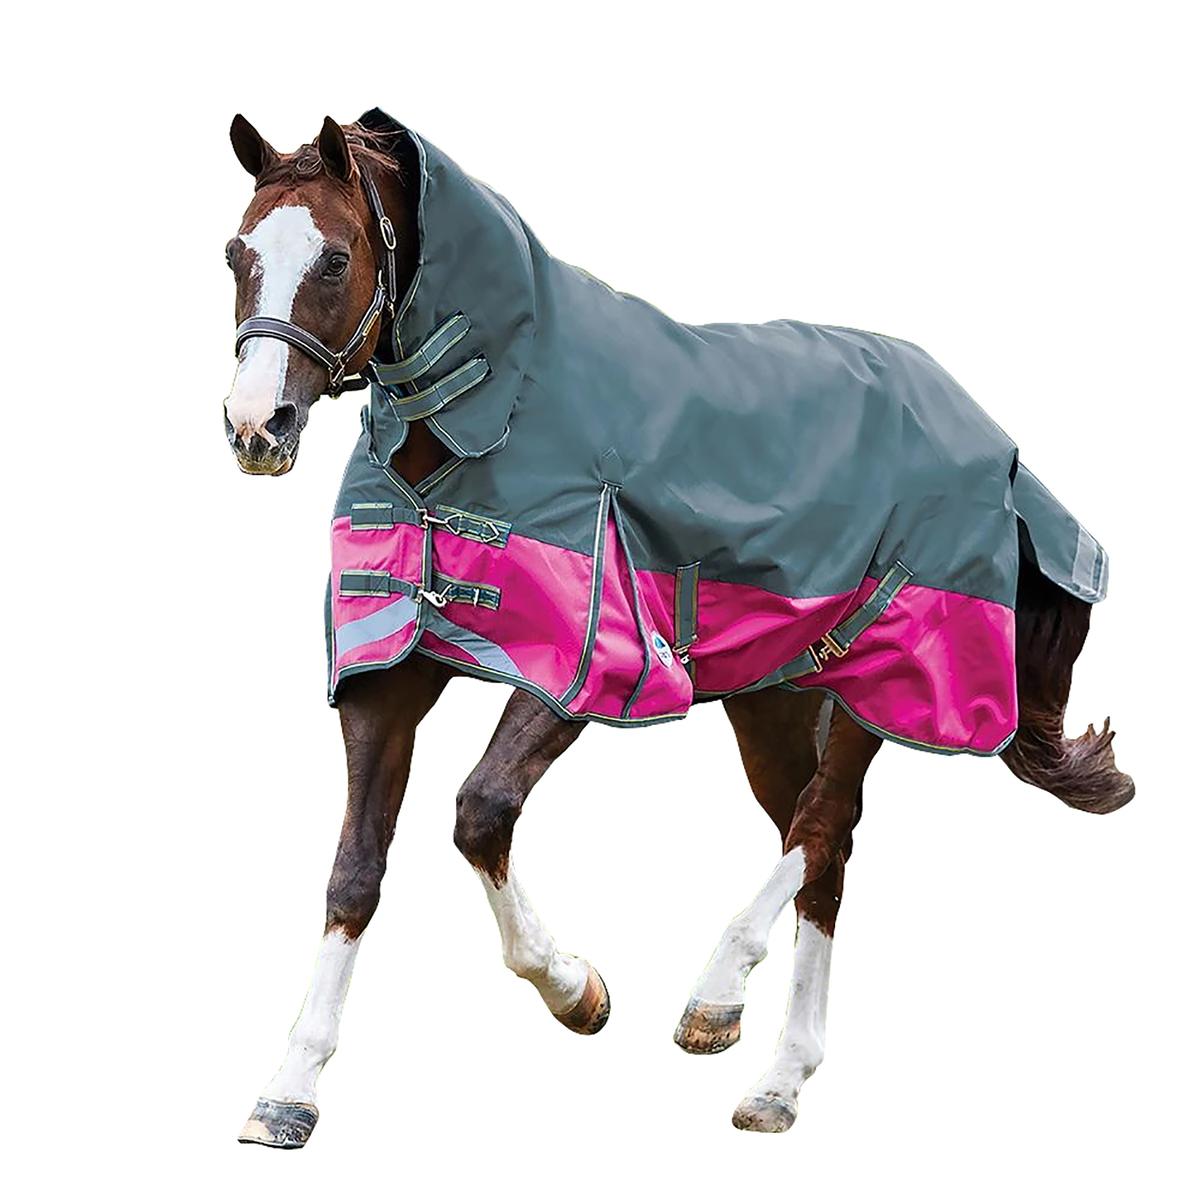 (ウェザビータ) Weatherbeeta 馬用 Comfitec プラスライト ダイナミック コンボネック ターンアウトラグ 馬着 乗馬 ホースライディング 【海外直送】